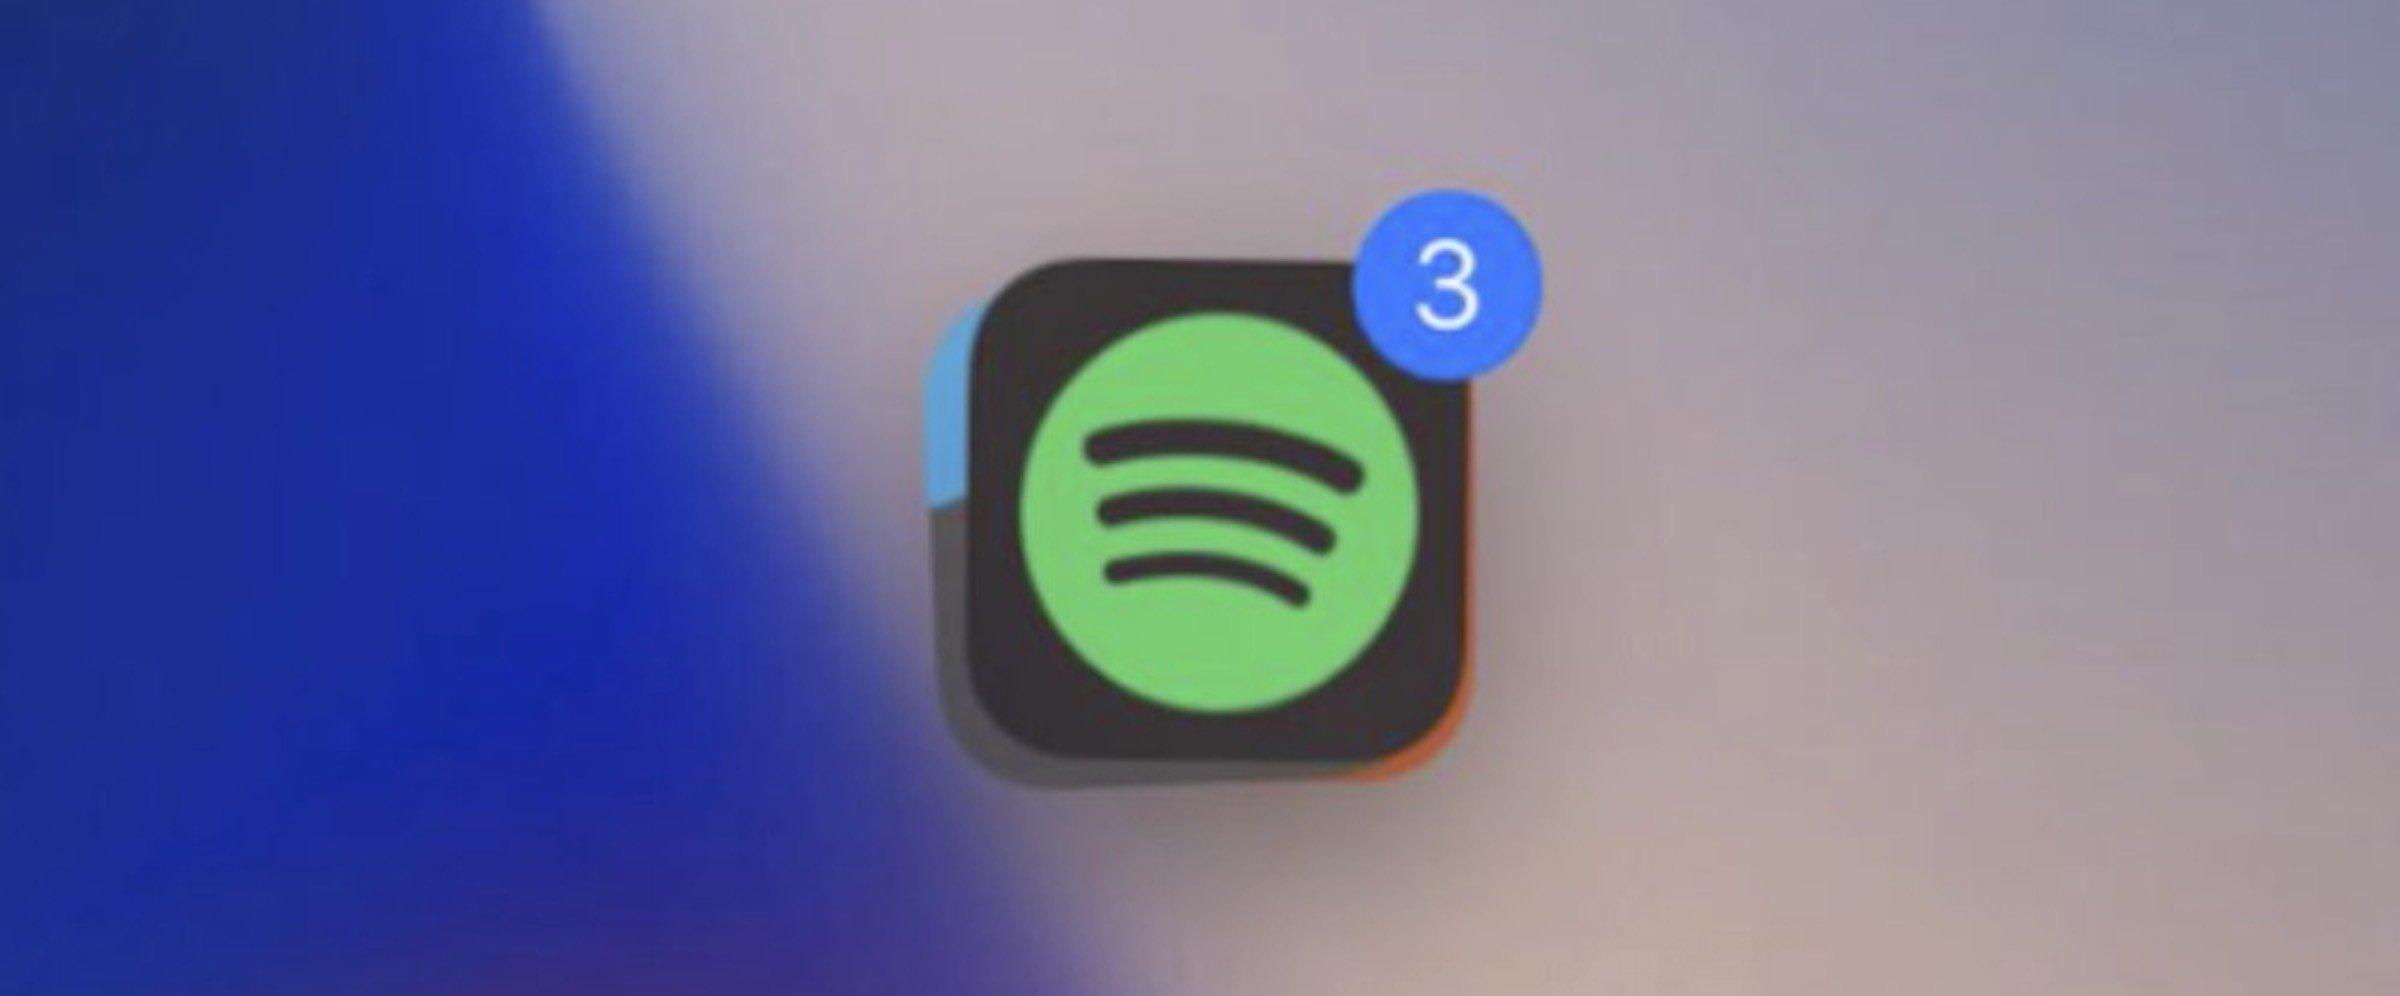 Tutorial Mehrere Icons gleichzeitig bewegen